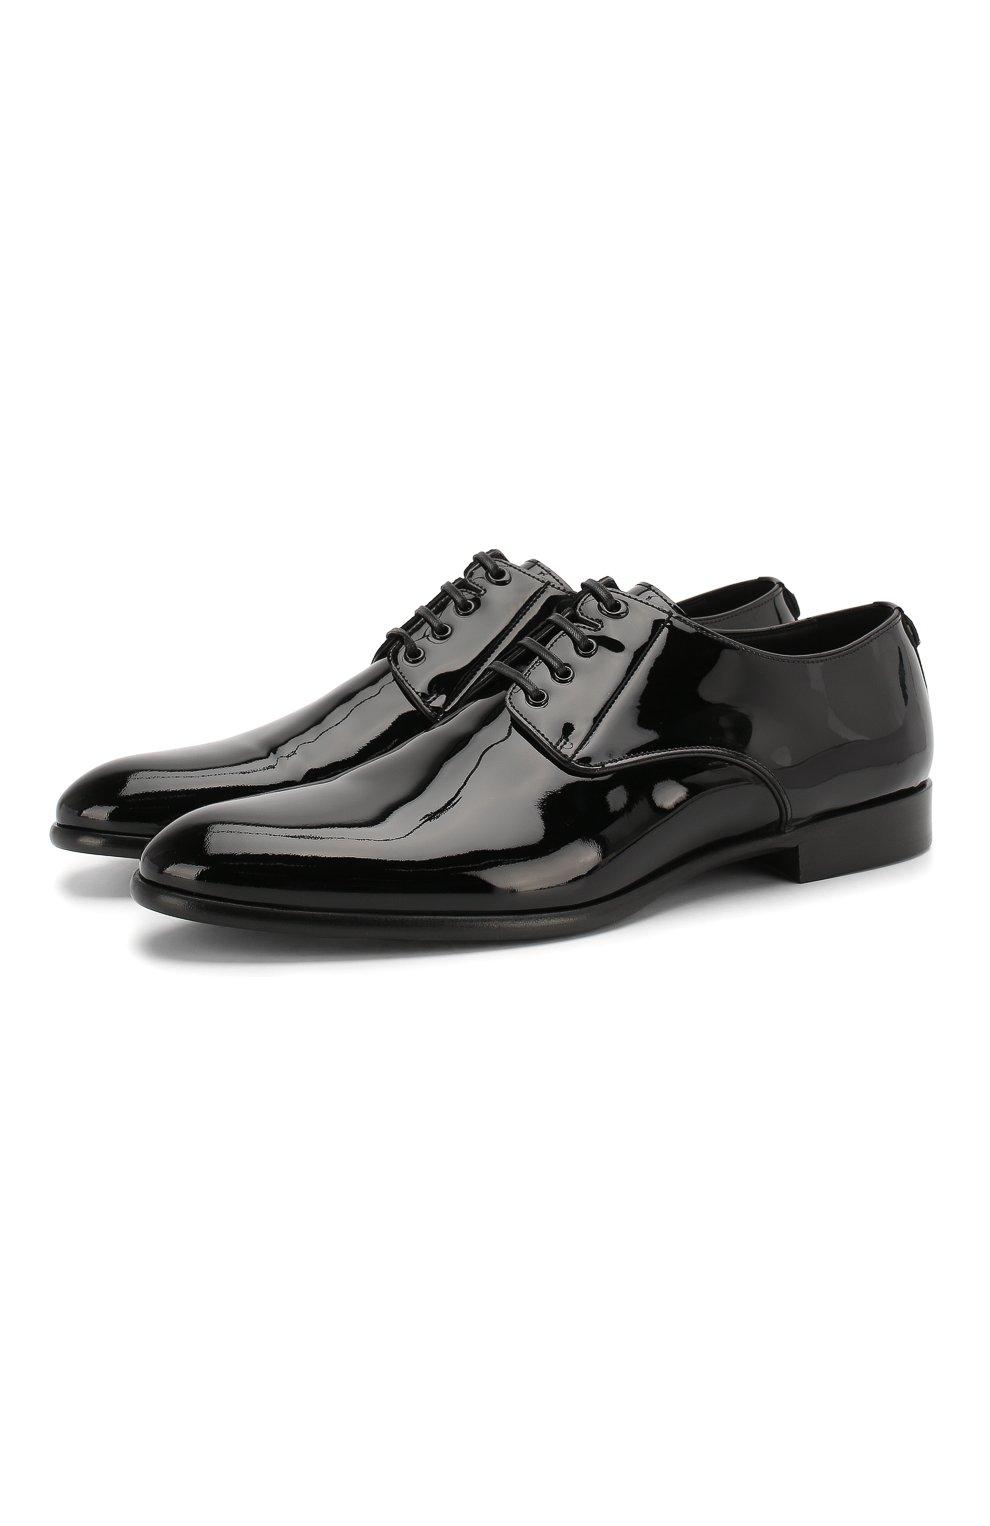 c23b33d86a32 Мужская обувь Dolce   Gabbana по цене от 14 250 руб. купить в  интернет-магазине ЦУМ